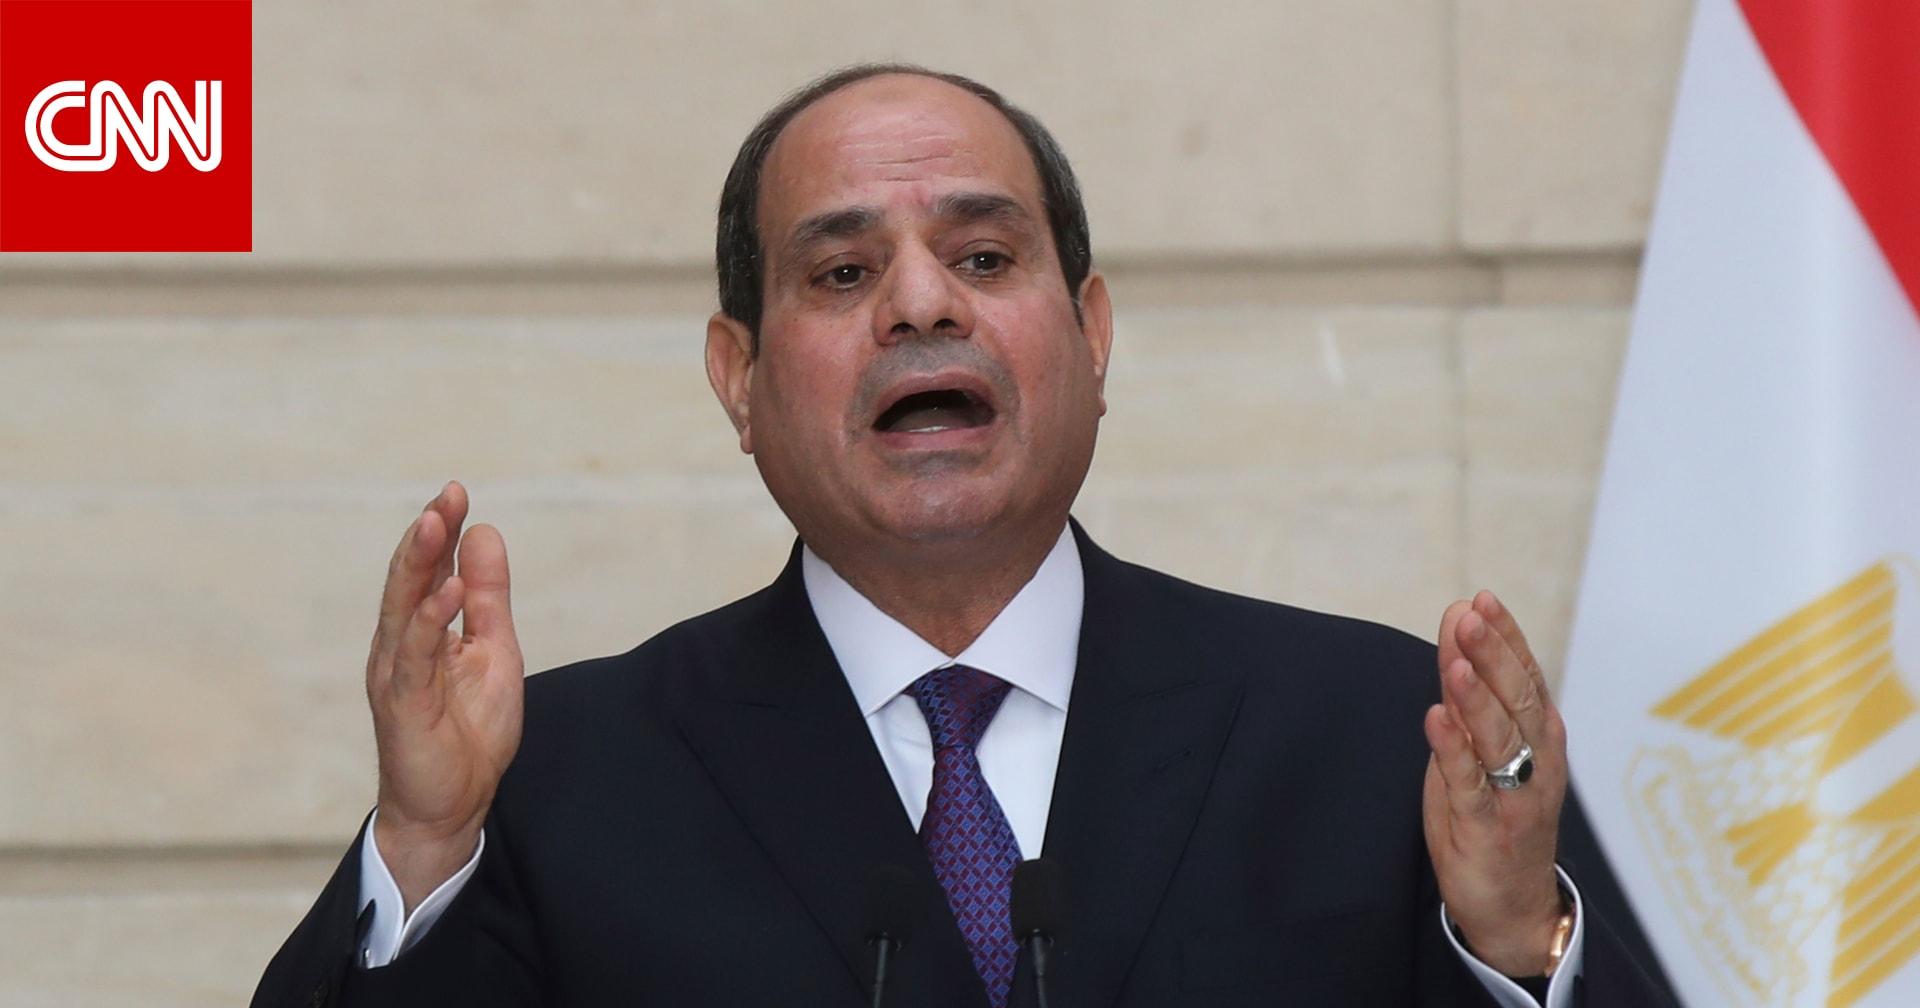 سد النهضة.. السيسي يؤكد لوزير خارجية الصين موقف مصر الثابت من الحفاظ على أمنها المائي